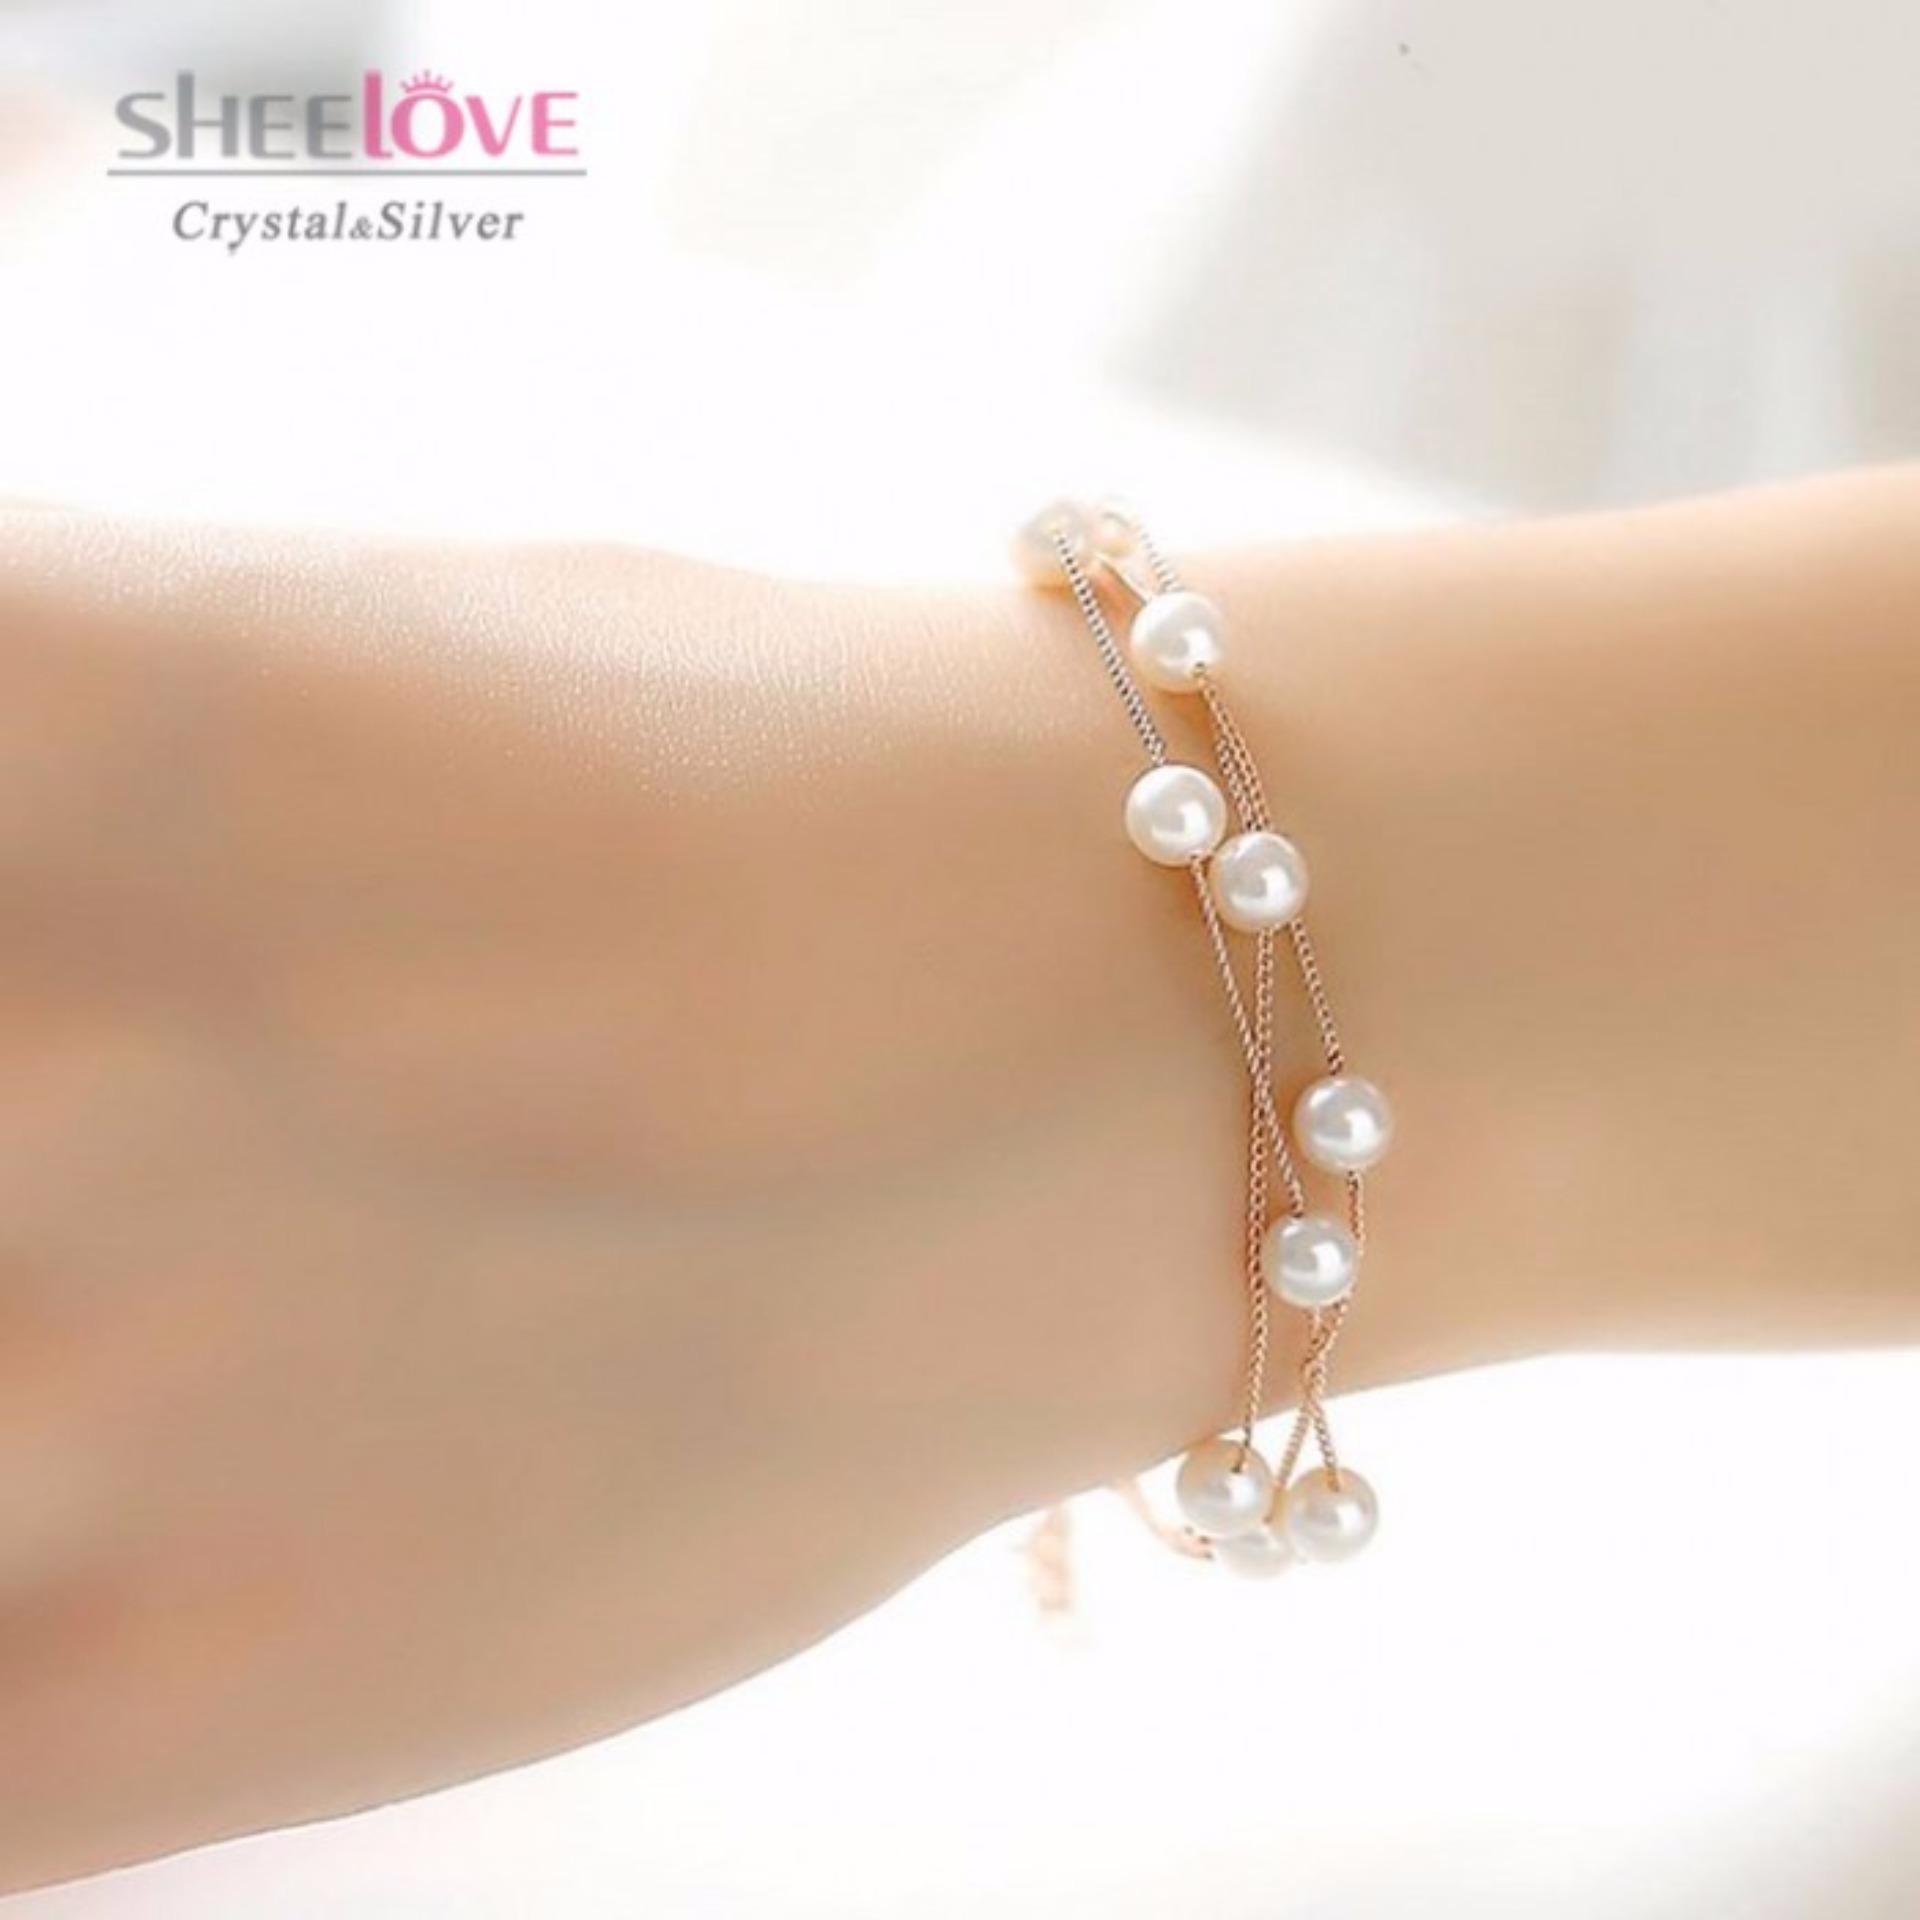 Vòng tay nữ Thời trang Hàn Quốc ngọc trai sang trọng Cao cấp HKB-1605243C